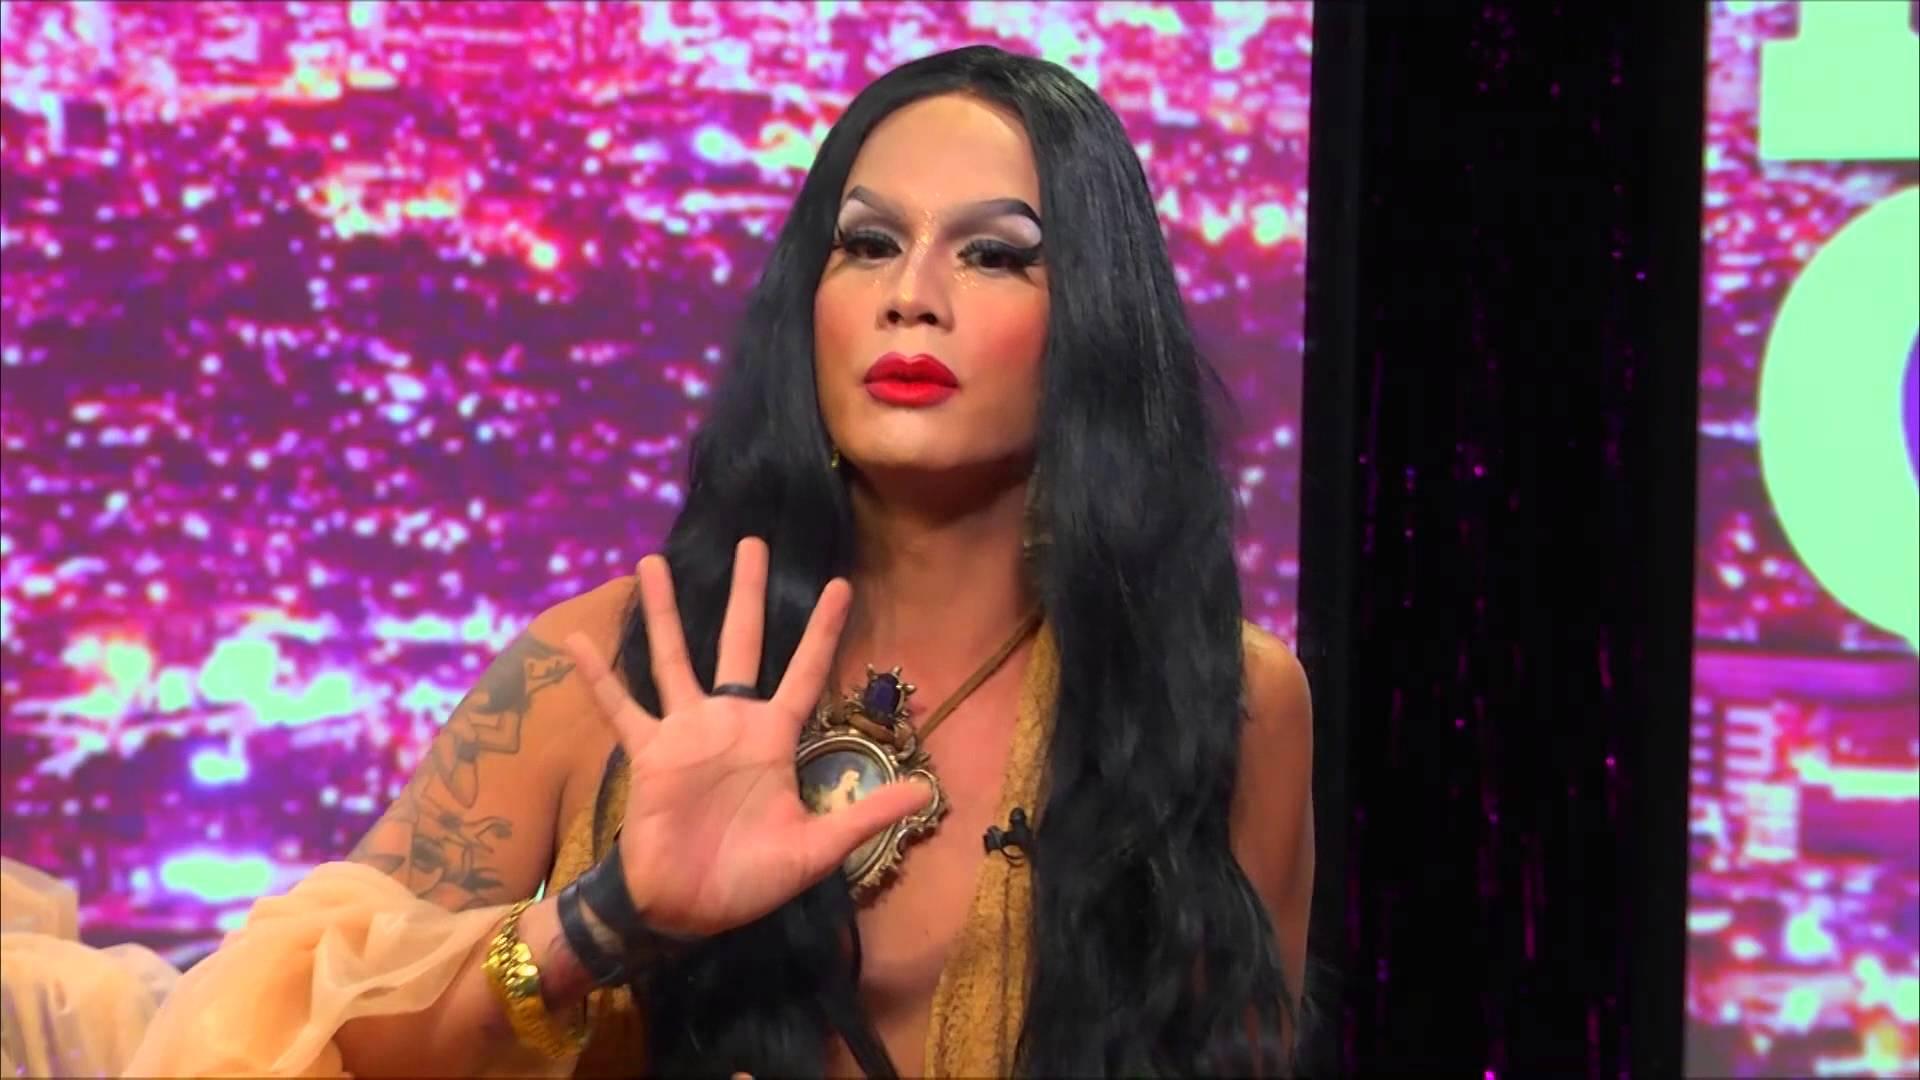 RuPaul's Drag Race Star Raja On Hey Qween With Jonny McGovern